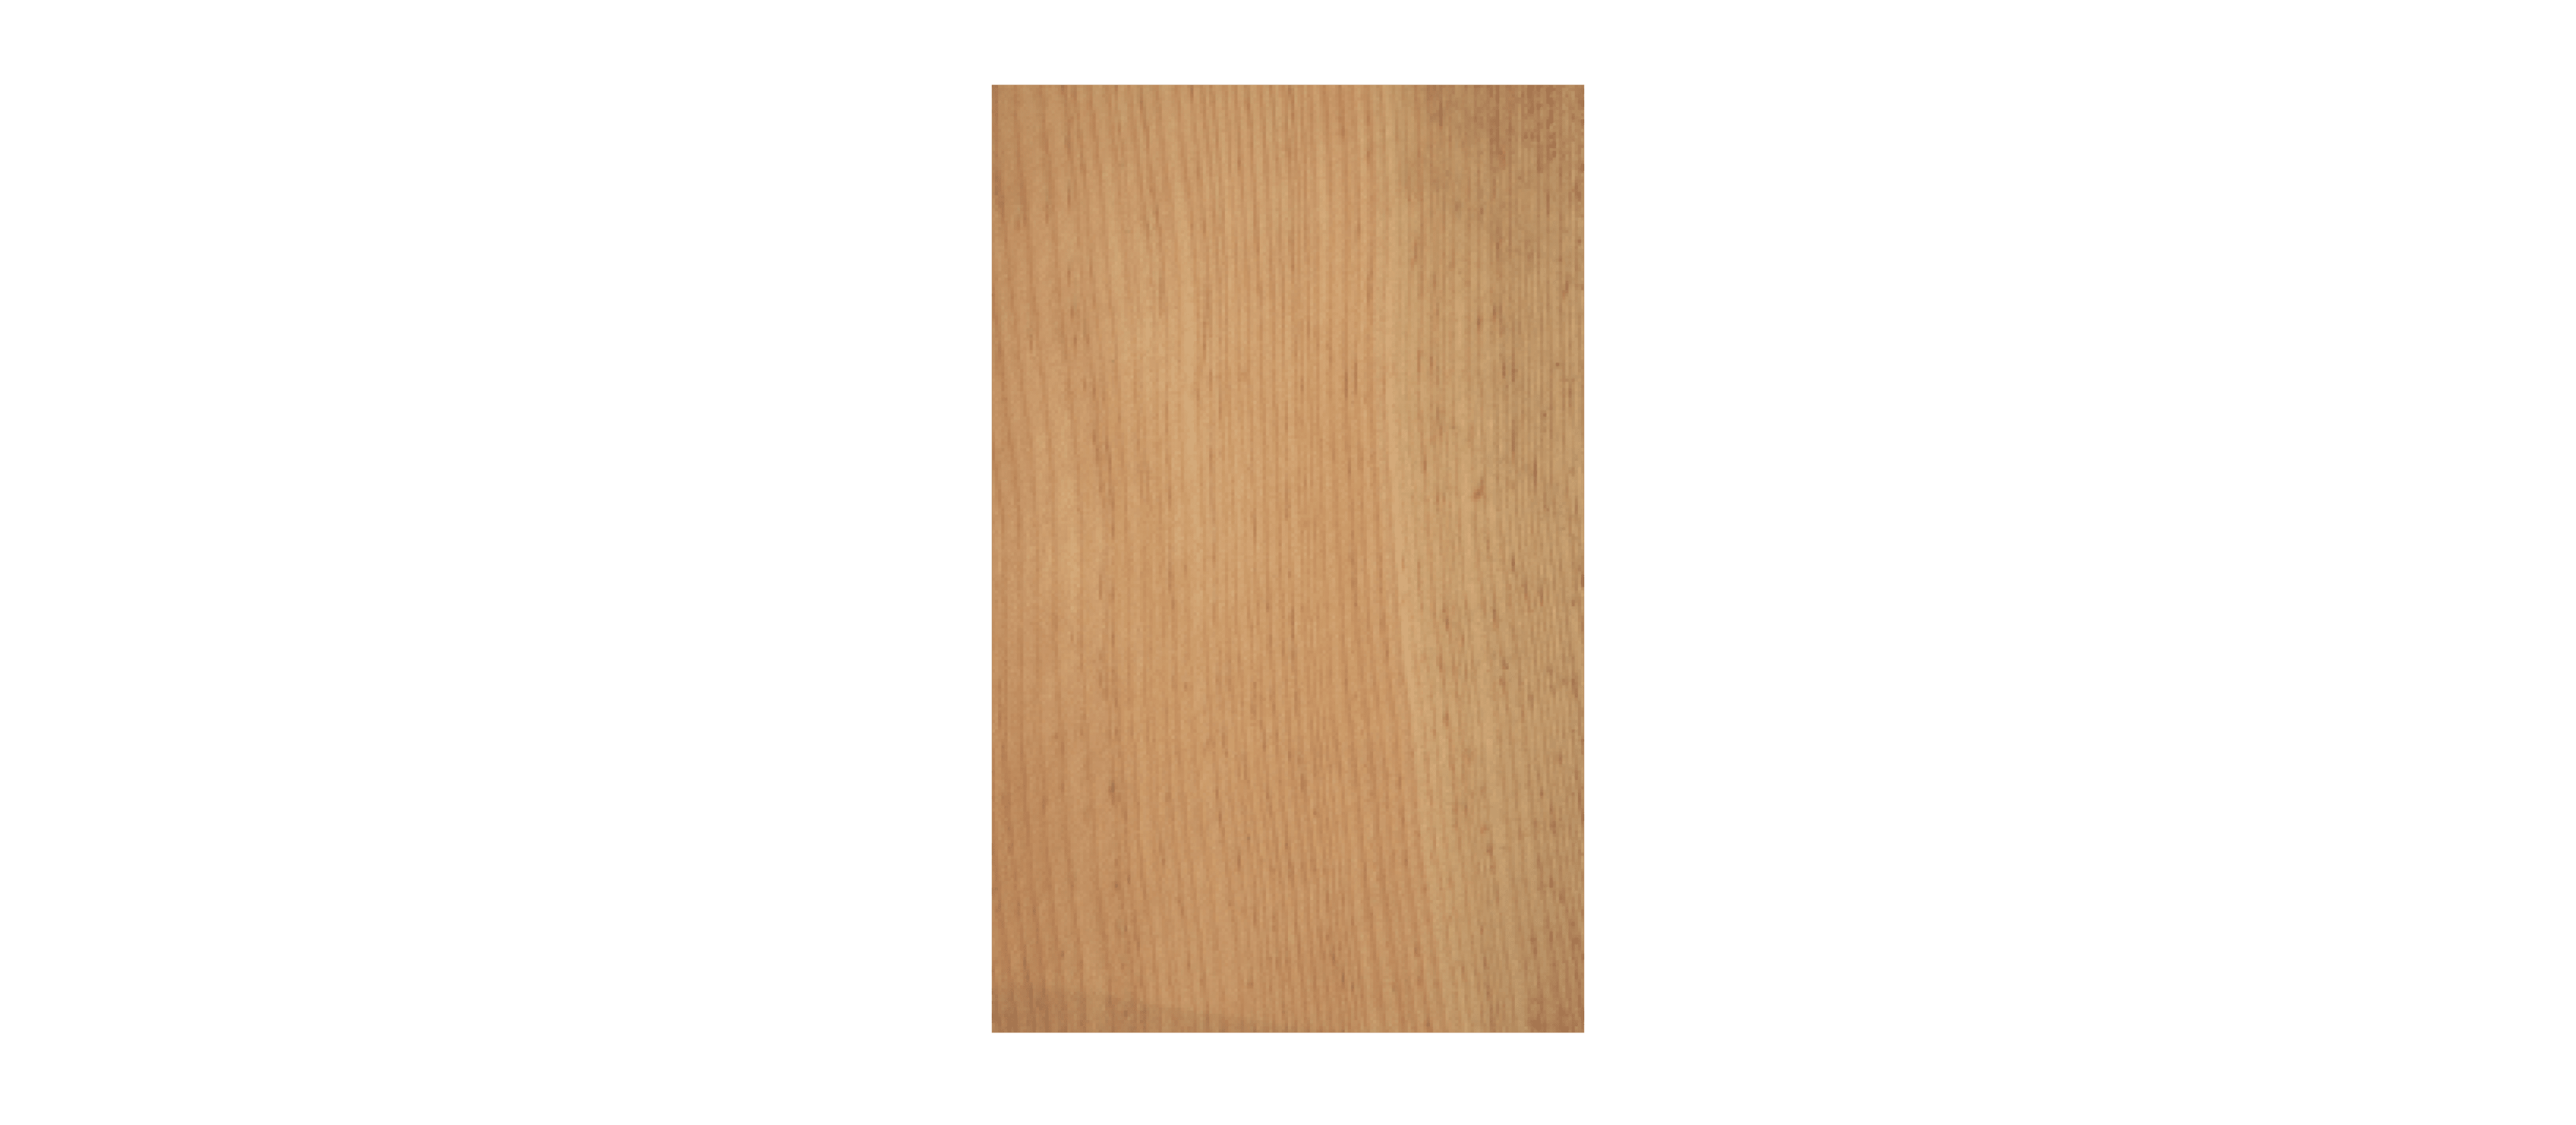 Vertical Grain Natural Sample